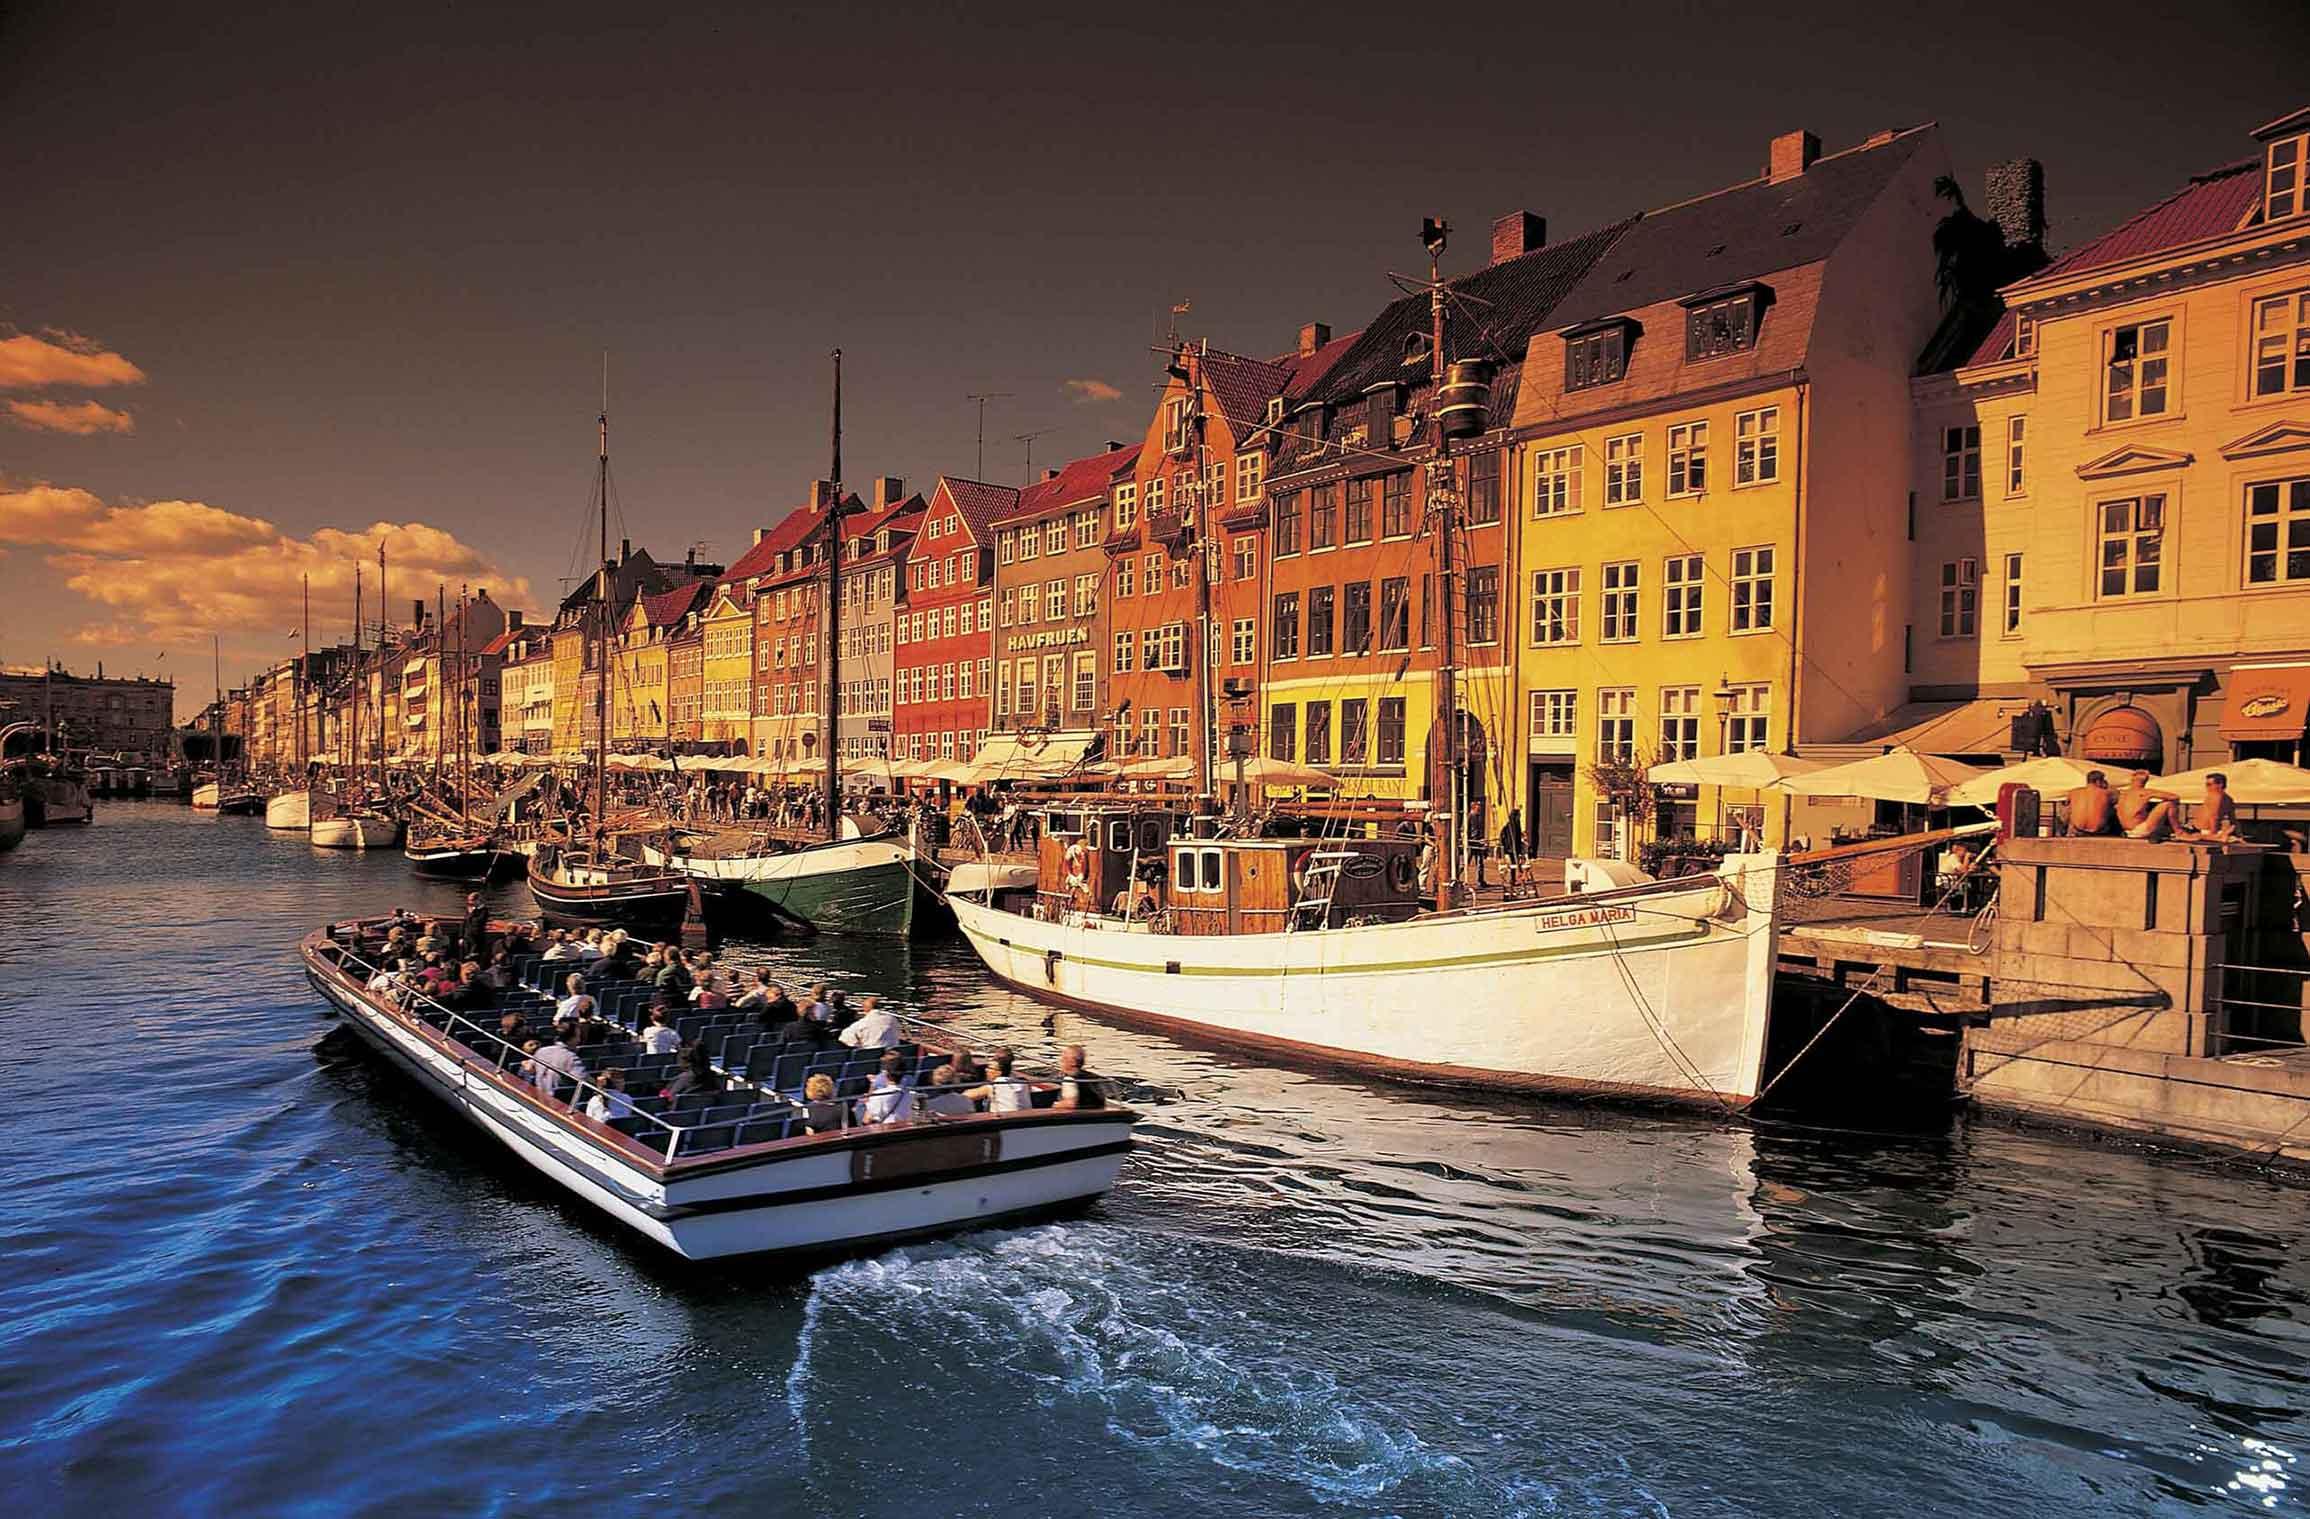 Cosa vedere a Copenaghen, capitale danese: le casette colorate lungo il canale Nyhavn a Copenaghen